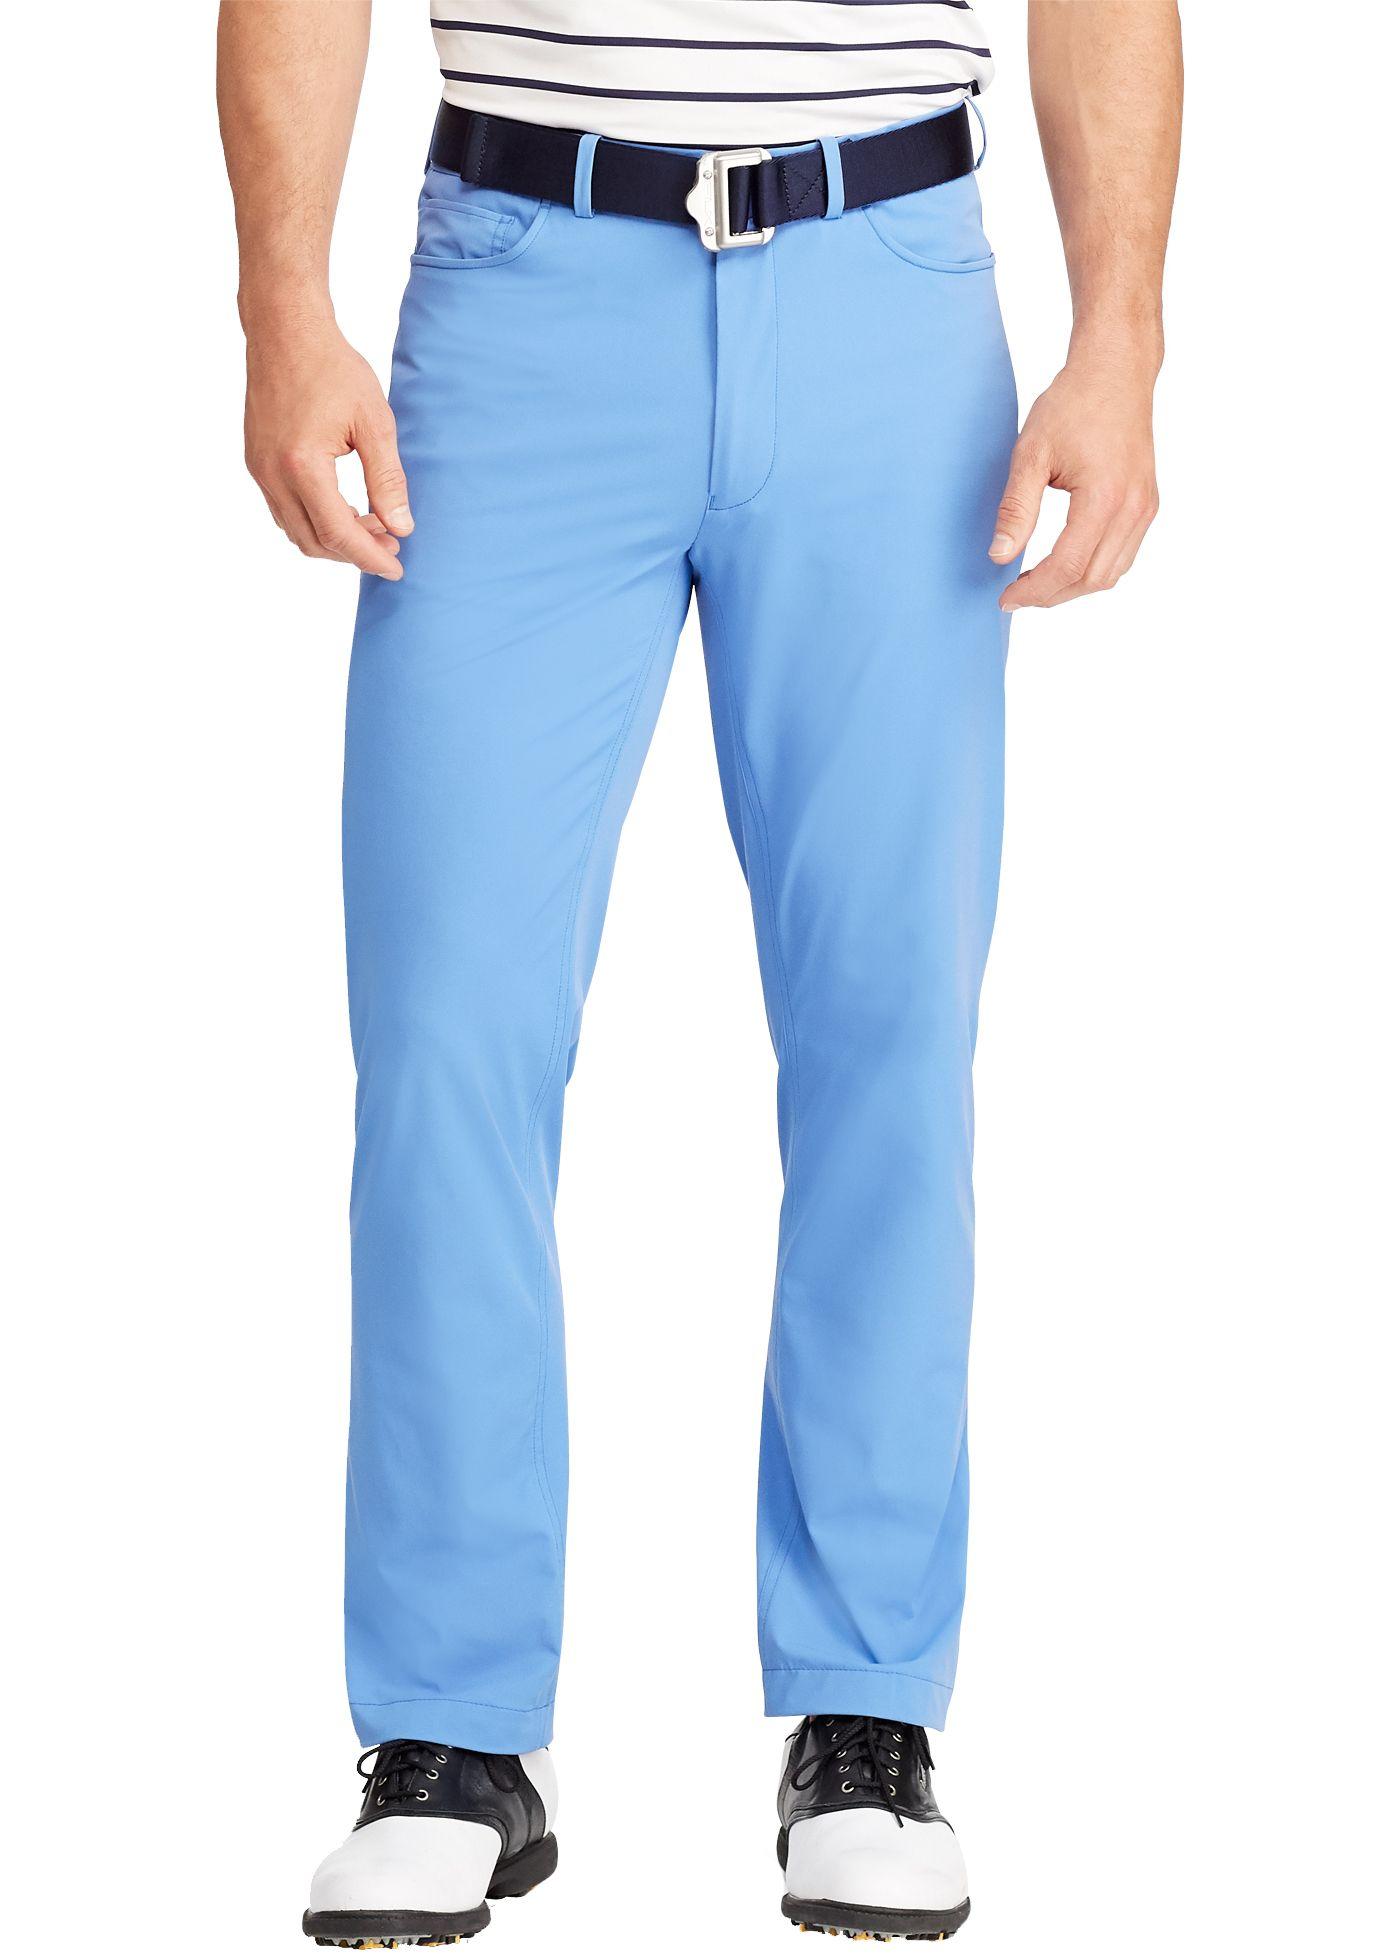 RLX Golf Men's Billy Horschel 5 Pocket Tech Golf Pants